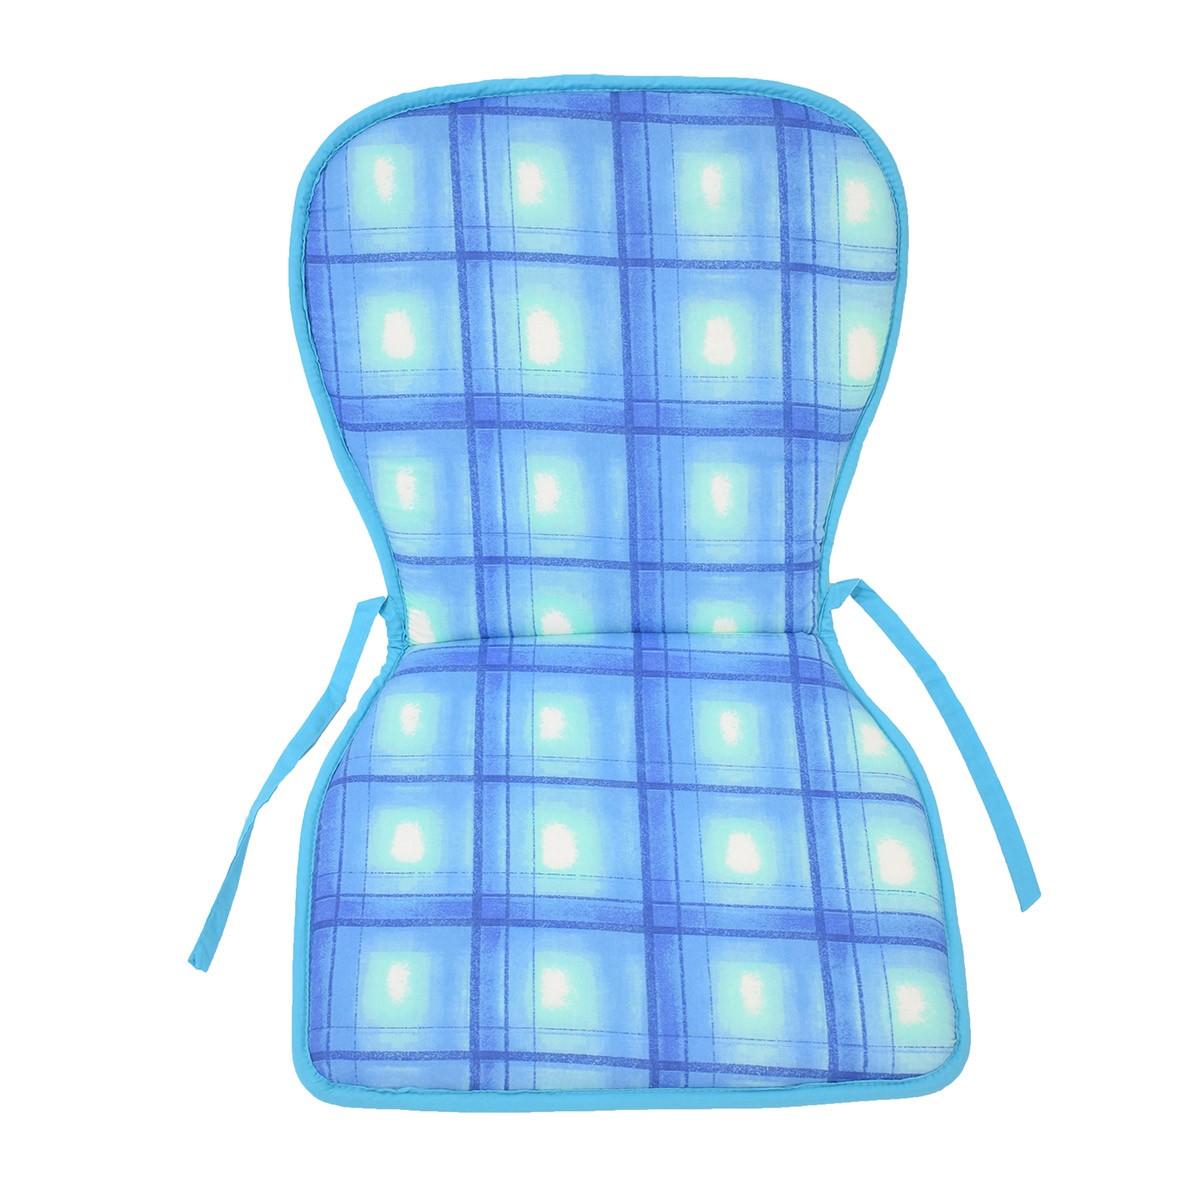 Μαξιλάρι Καρέκλας Κιθάρα 2 Όψεων Fratoni DobleCara Blue